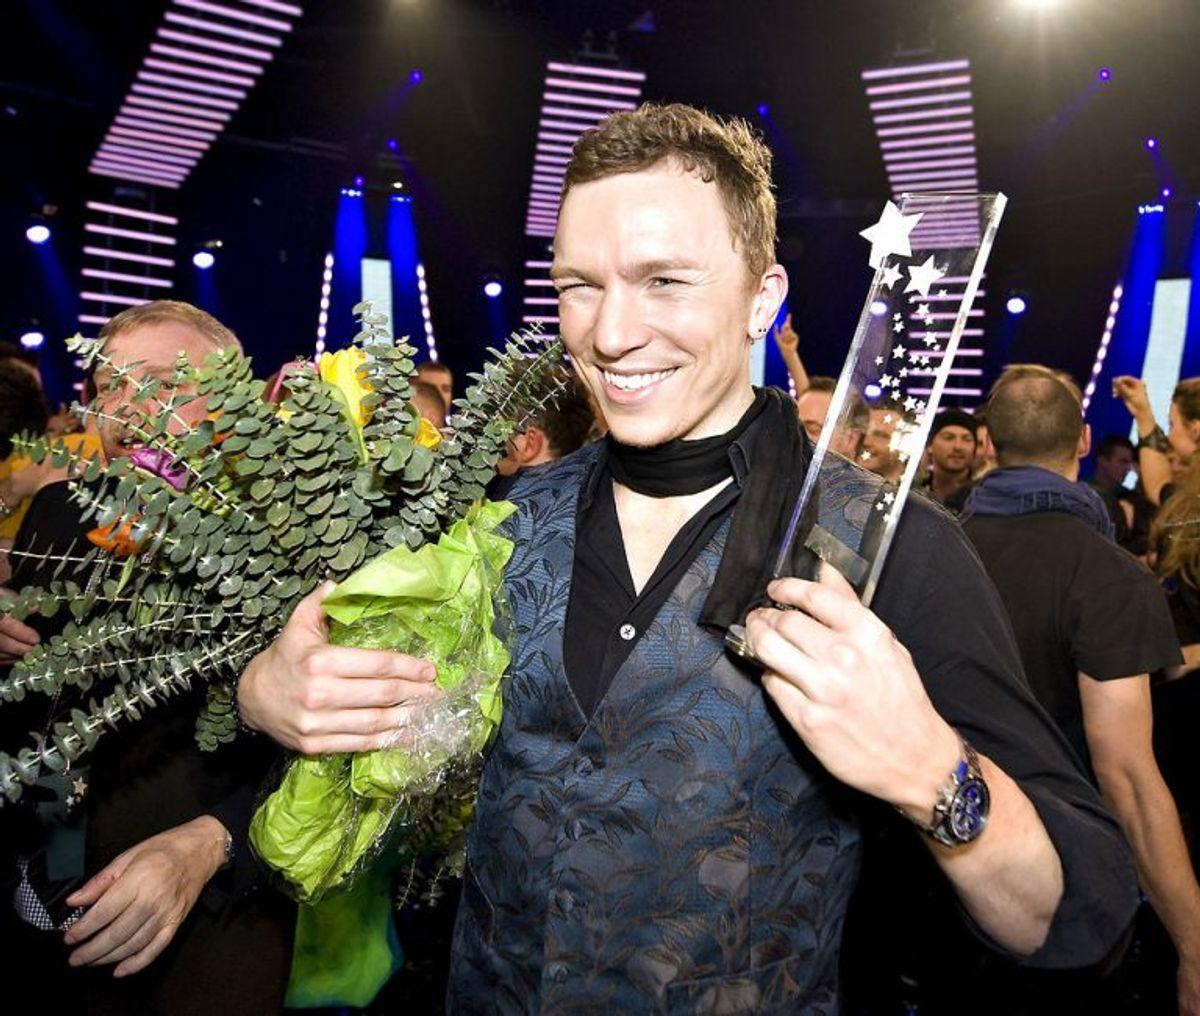 """Brinck vandt Dansk Melodi Grand Prix 2009 med sangen """"Believe Again"""". Foto: Henning Bagger/Scanpix (Arkivfoto)"""